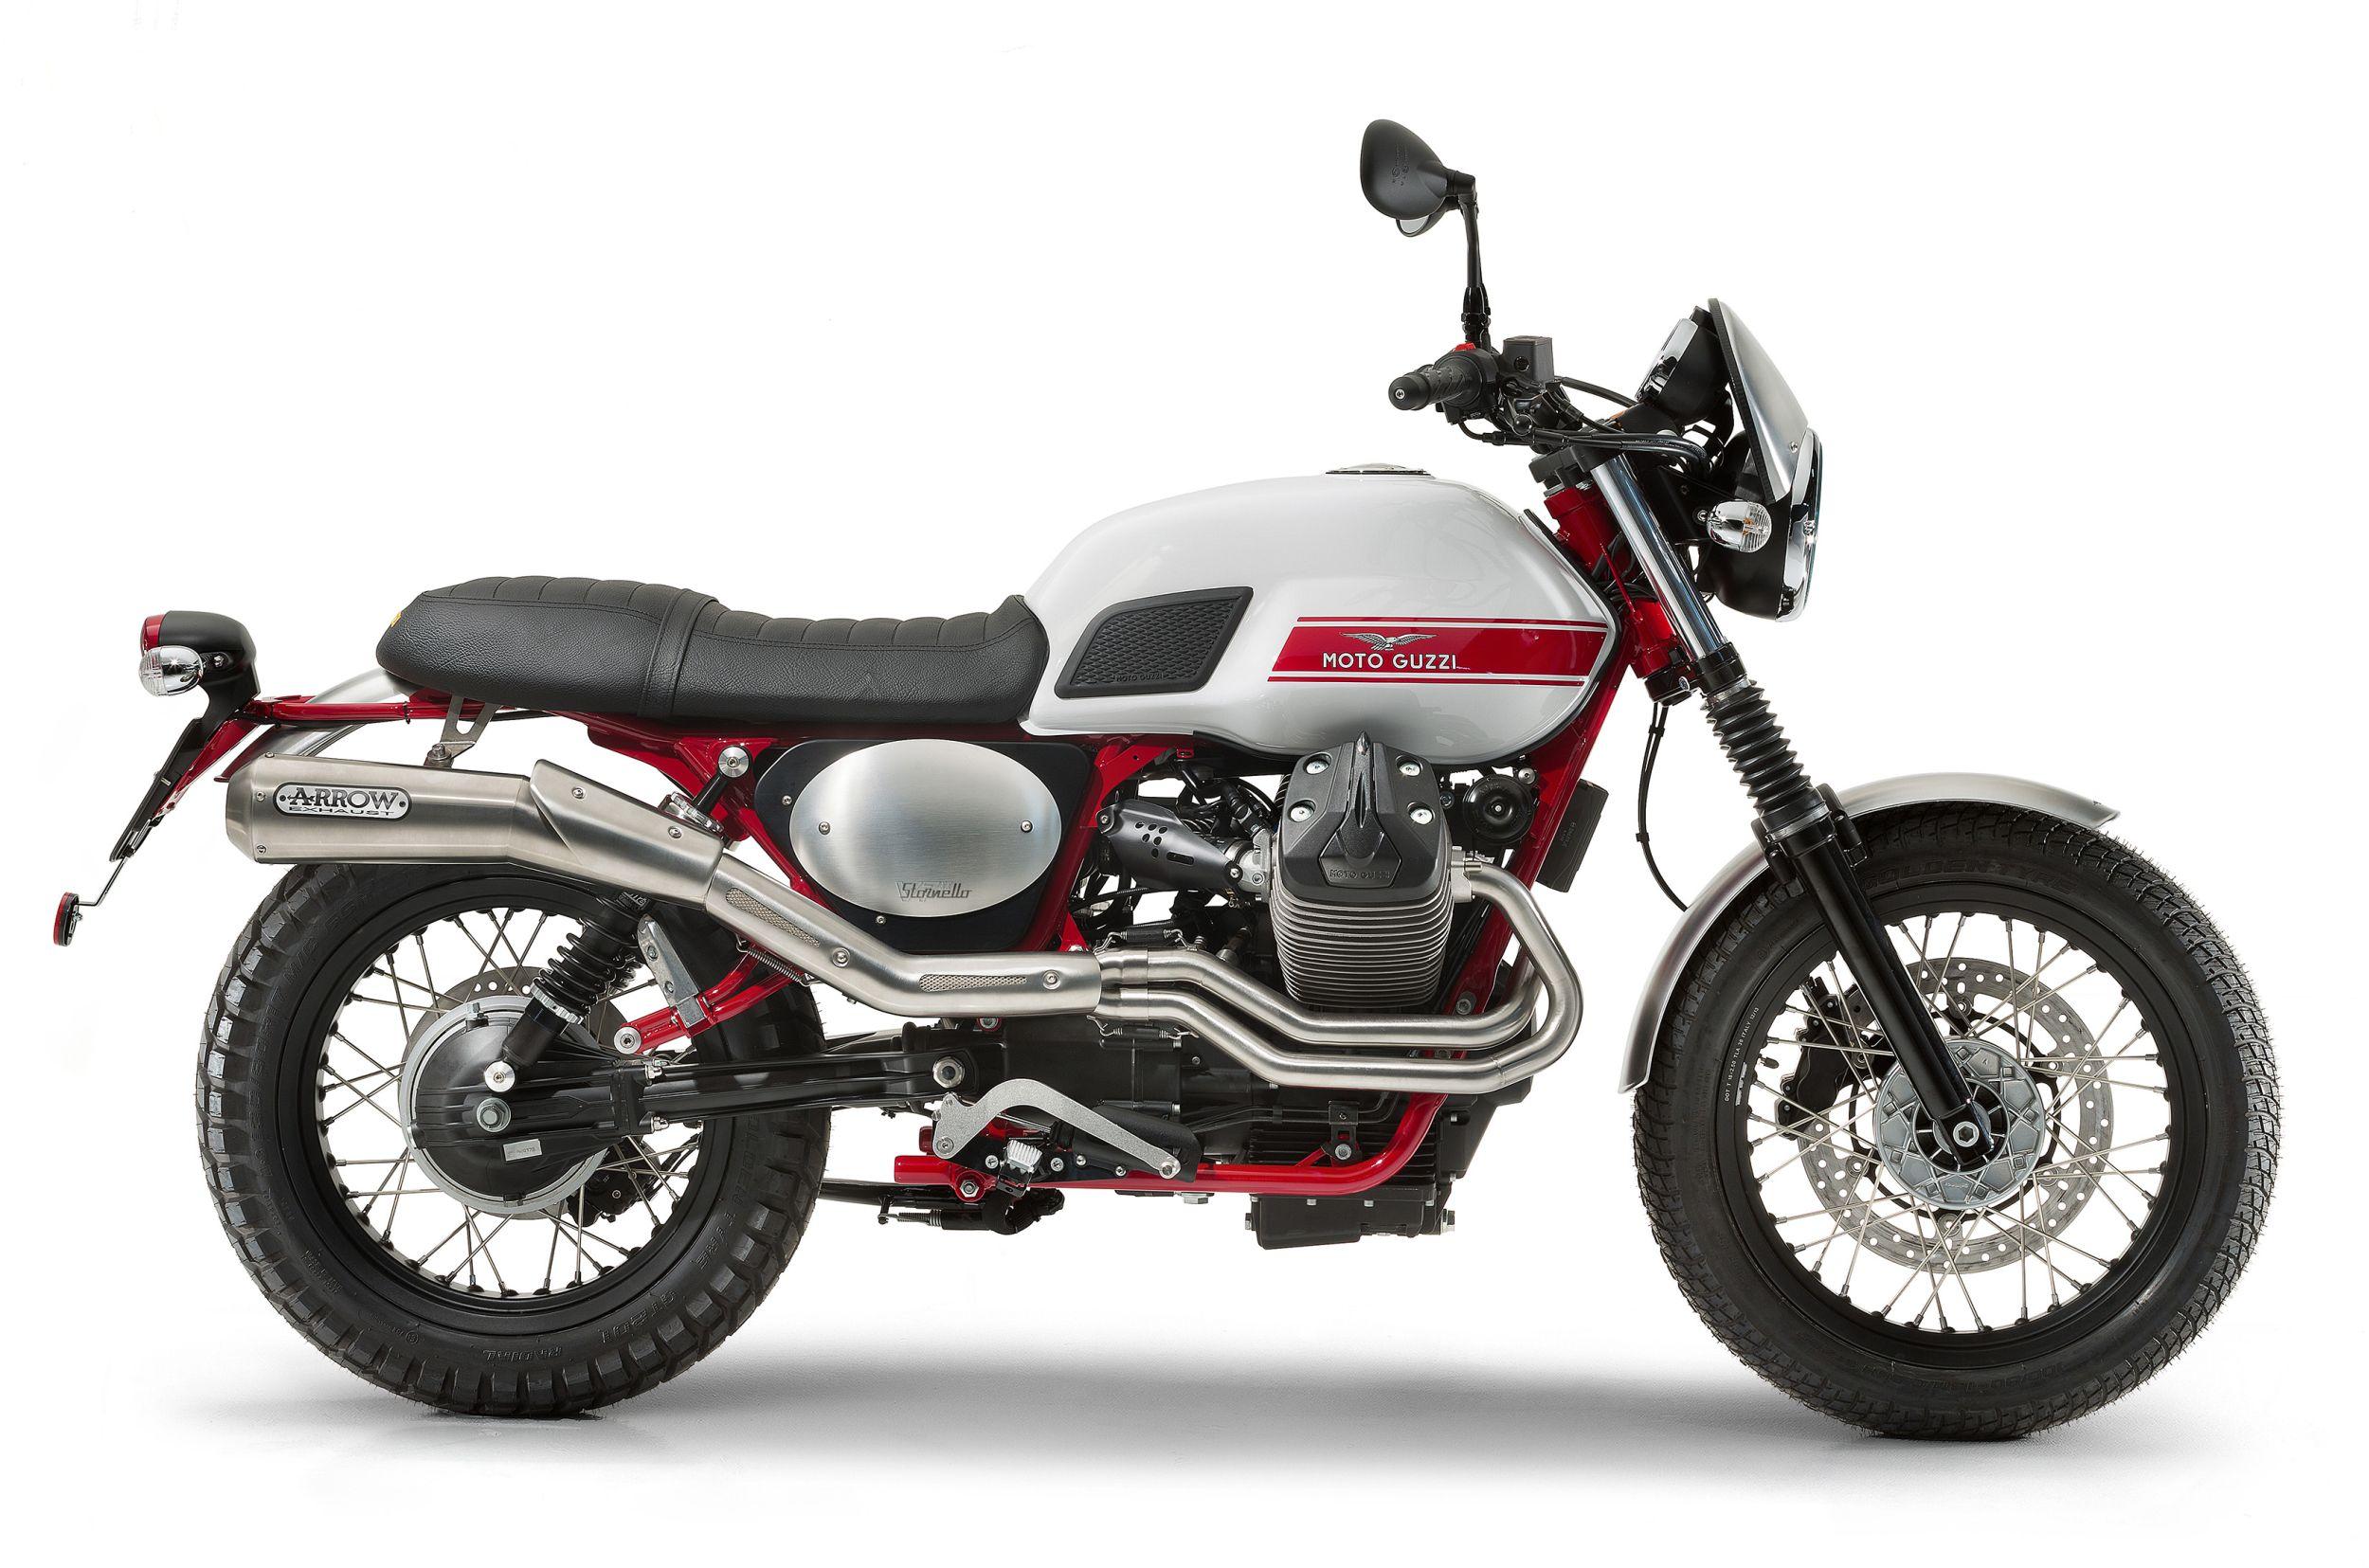 gebrauchte und neue moto guzzi v7 ii stornello motorr der. Black Bedroom Furniture Sets. Home Design Ideas